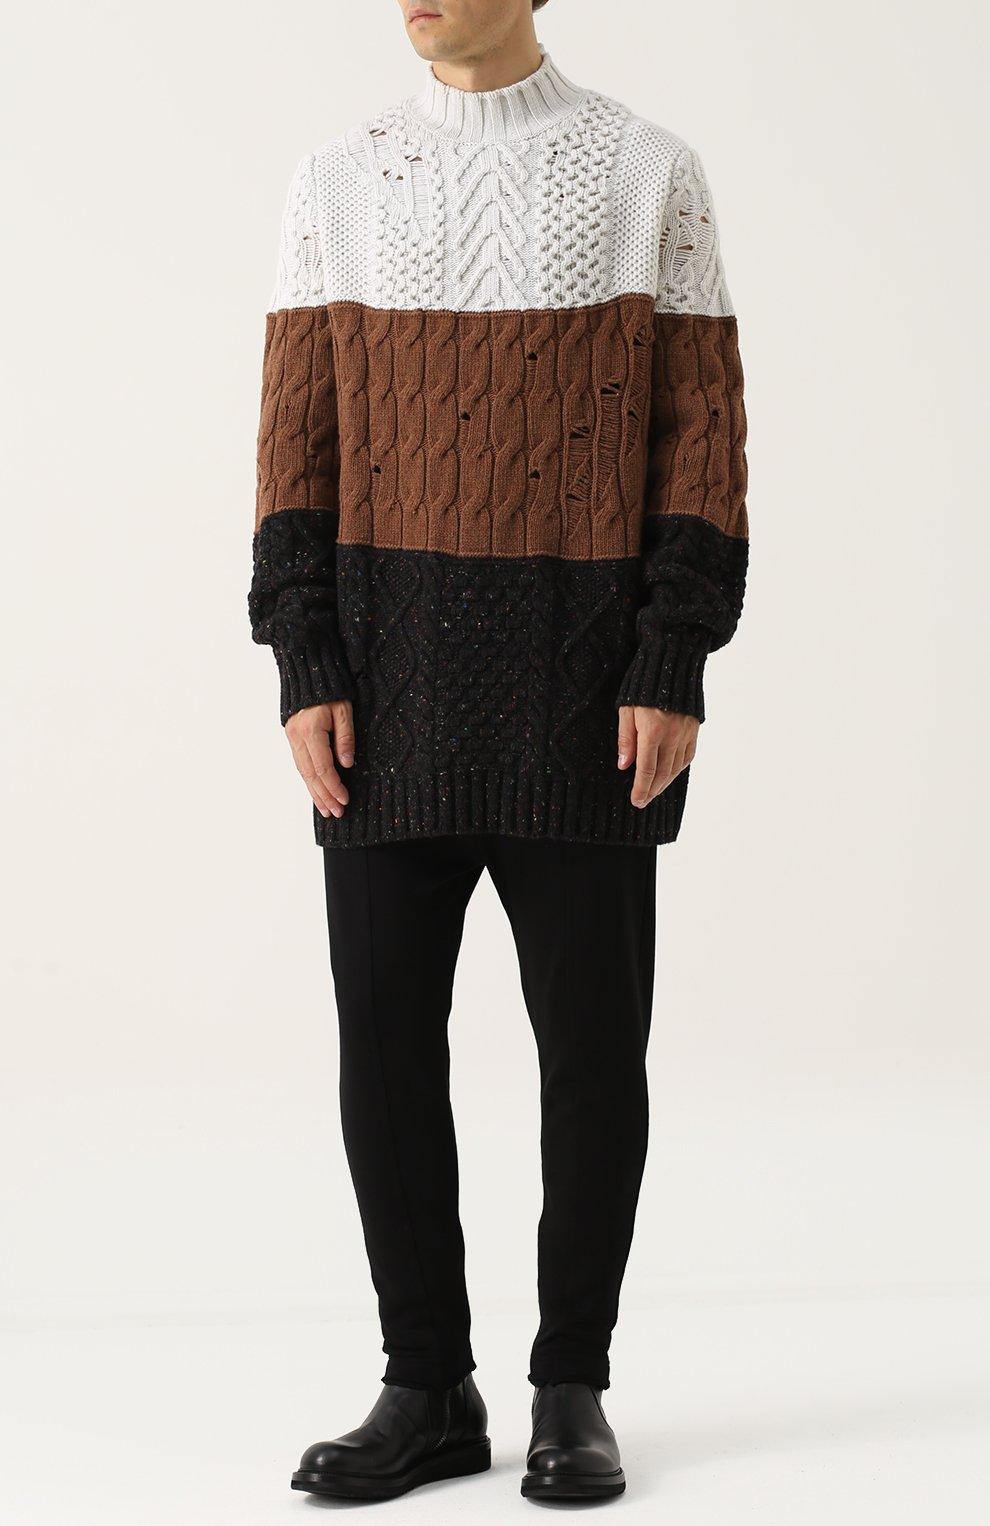 Удлиненный свитер из смеси шерсти и кашемира фактурной вязки | Фото №2